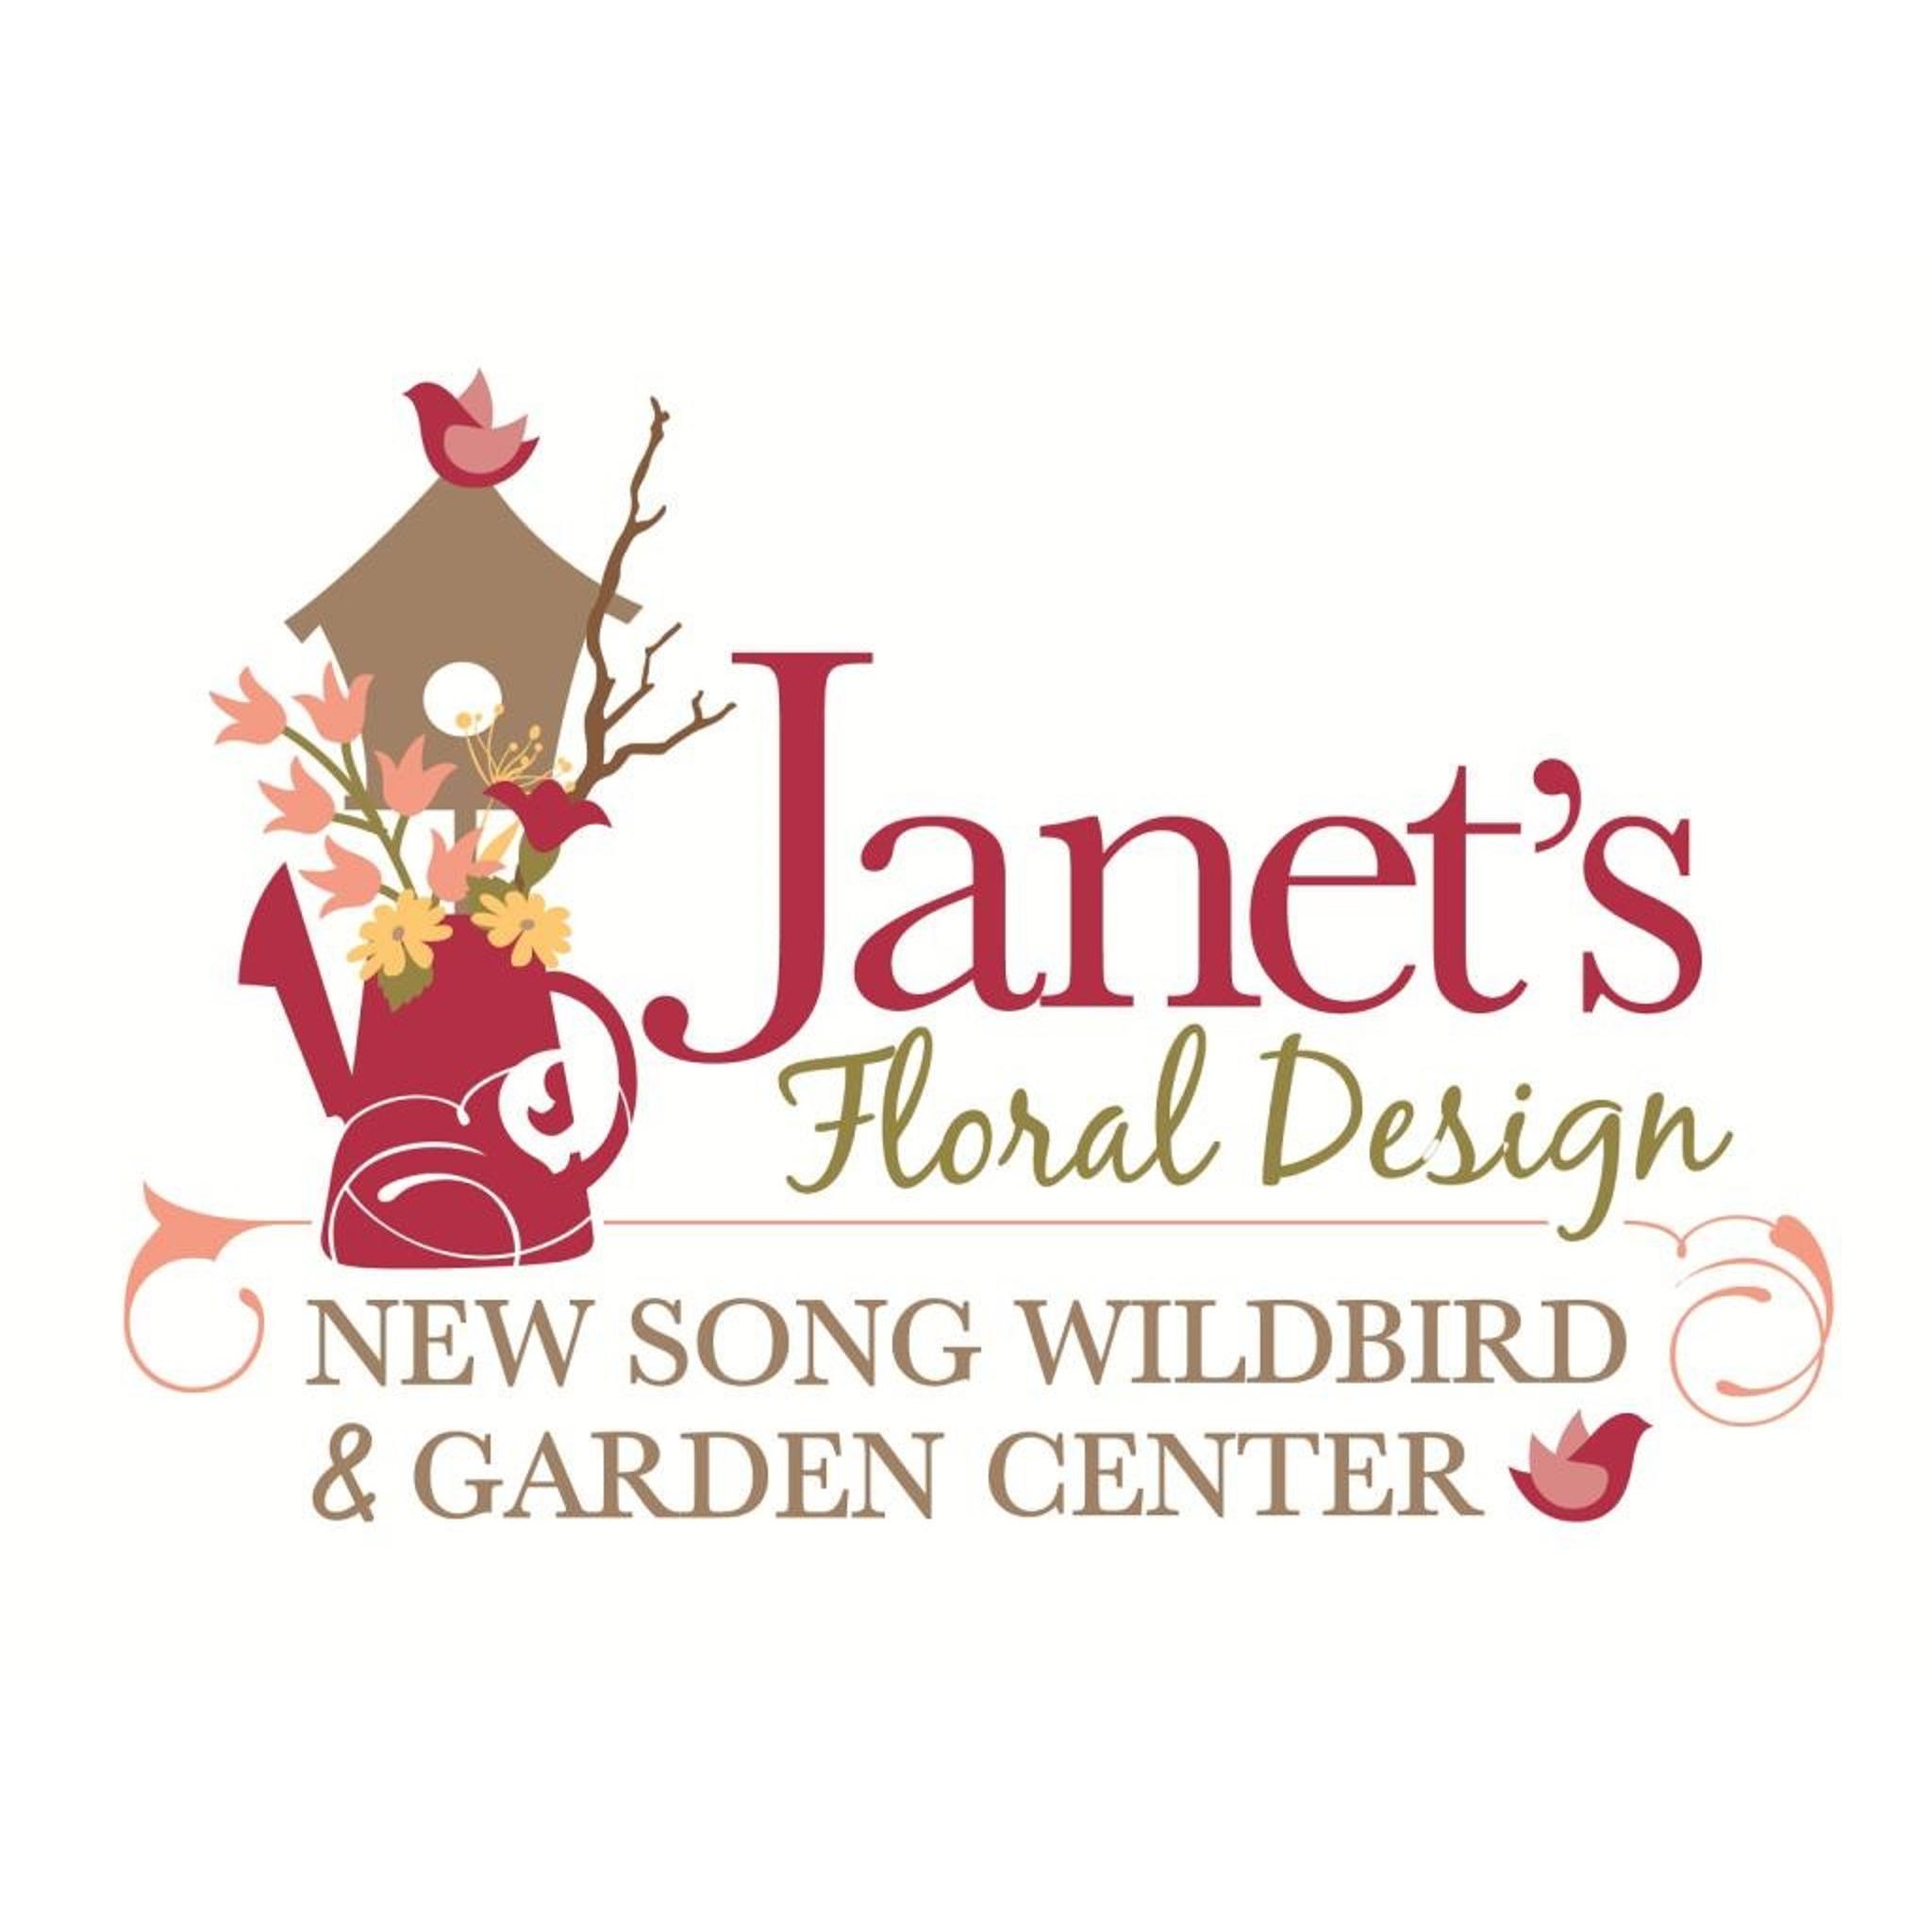 Janet's Floral Design